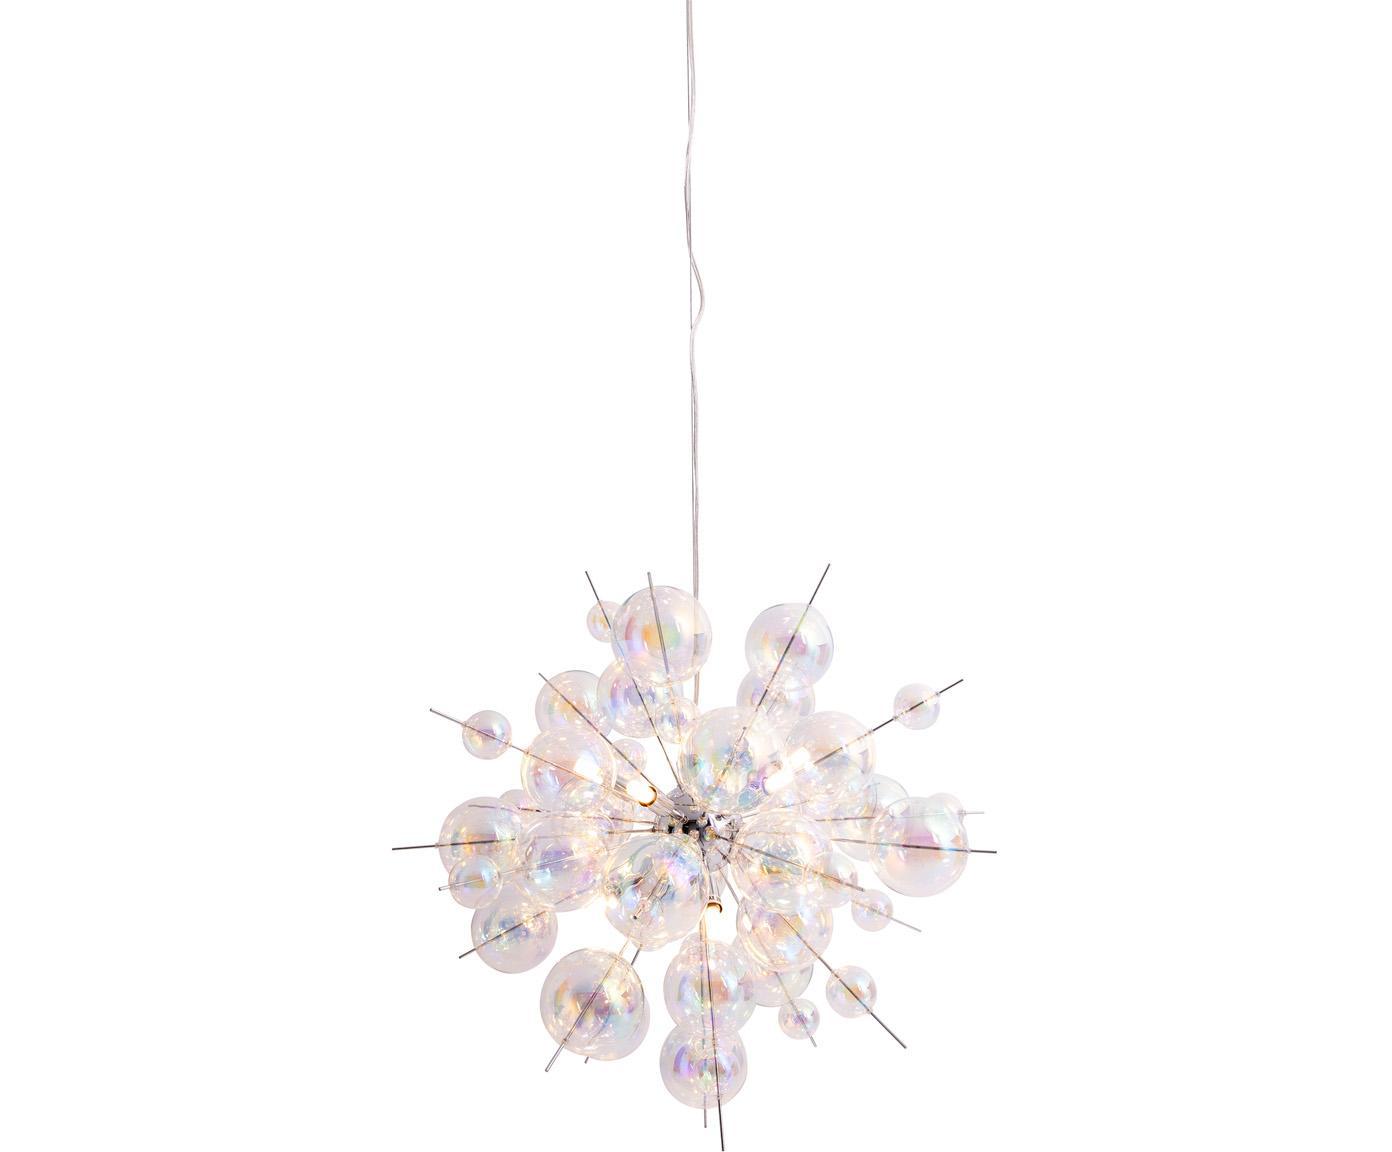 Lampada a sospensione con sfere di vetro Explosion, Baldacchino: metallo cromato, Cromo, trasparente, iridescente, Ø 65 x Alt. 150 cm